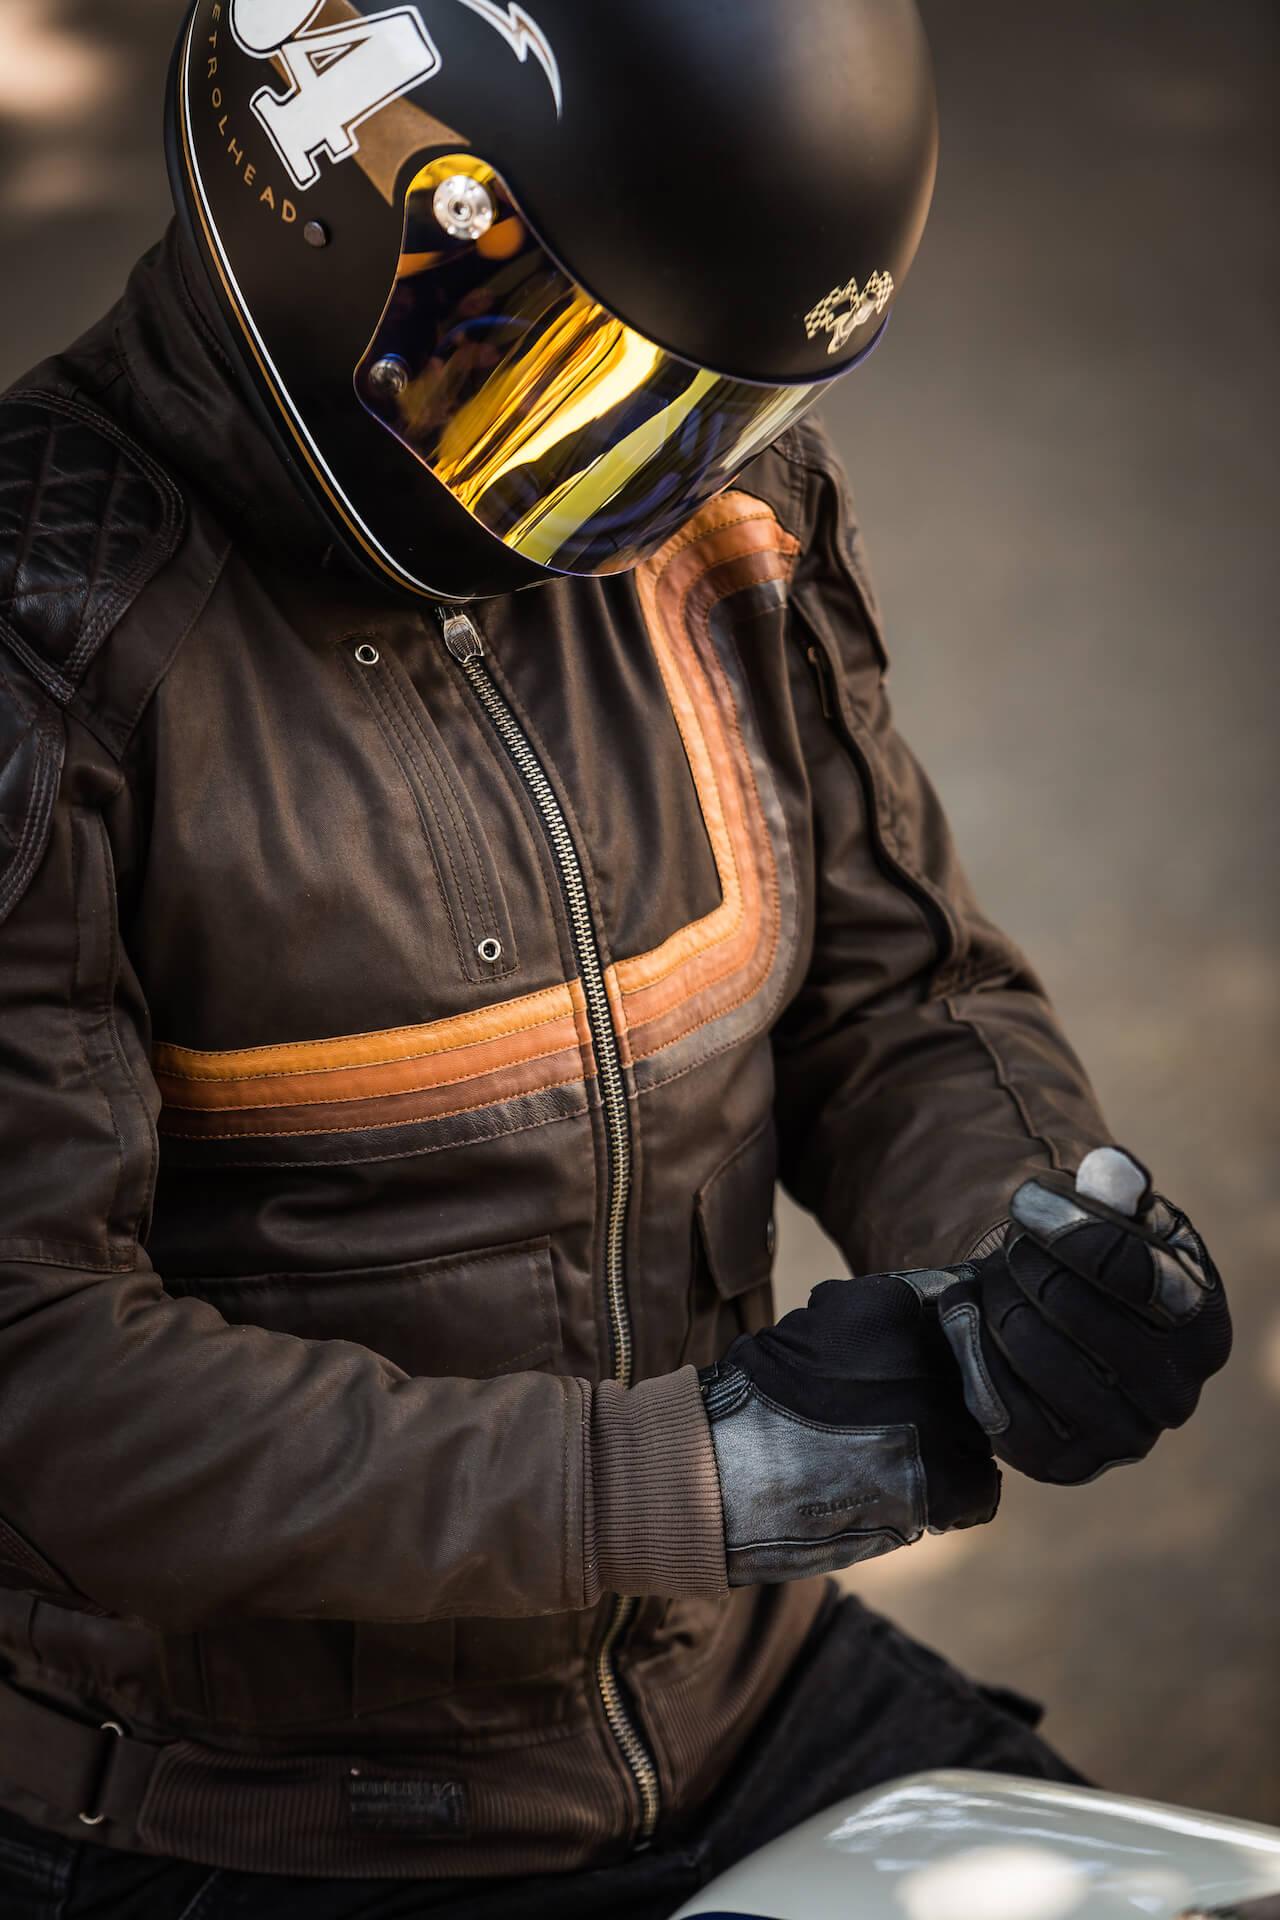 Trilobite motocyklowa odzież